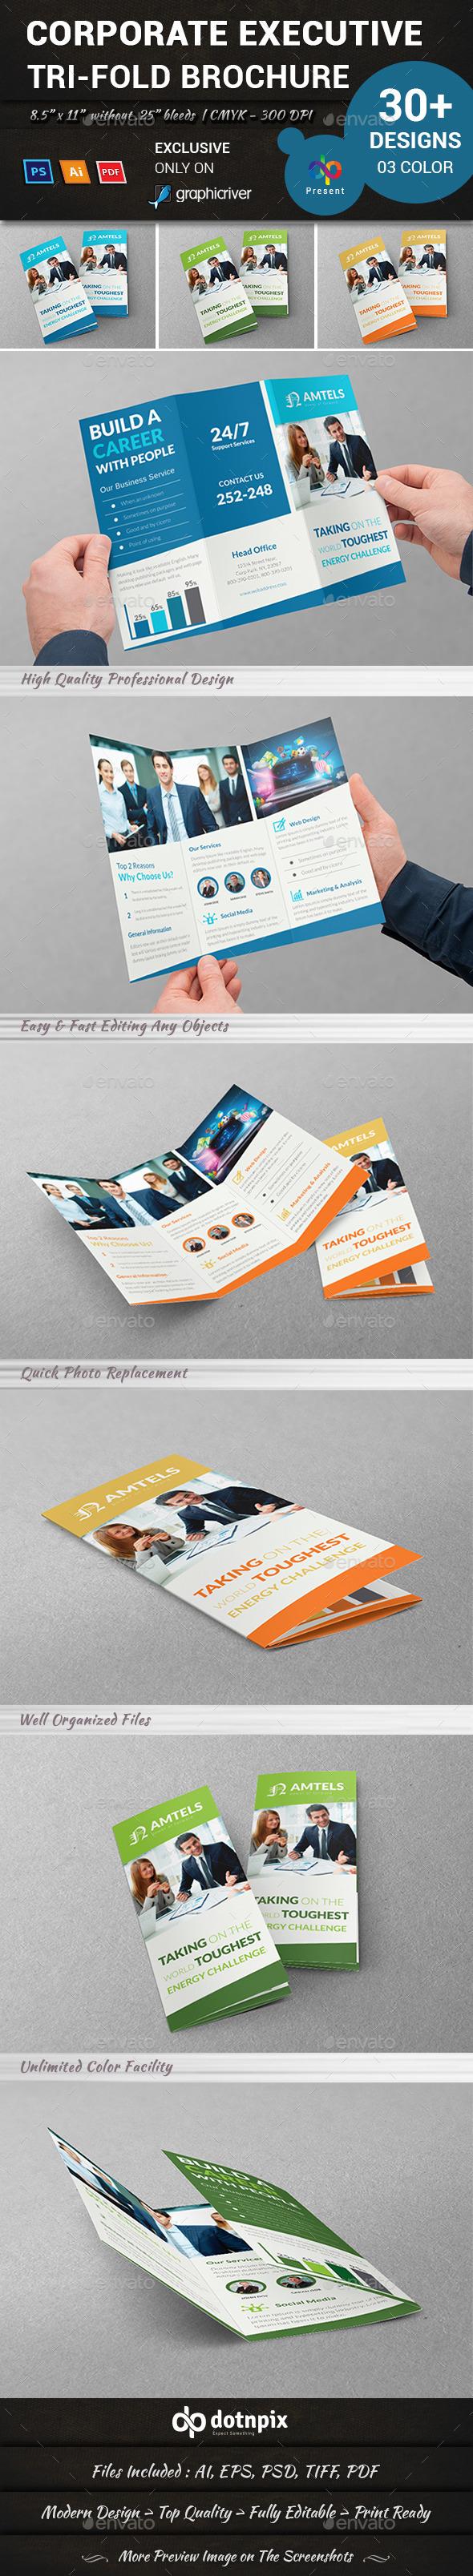 GraphicRiver Corporate Executive Tri-Fold Brochure 10981625